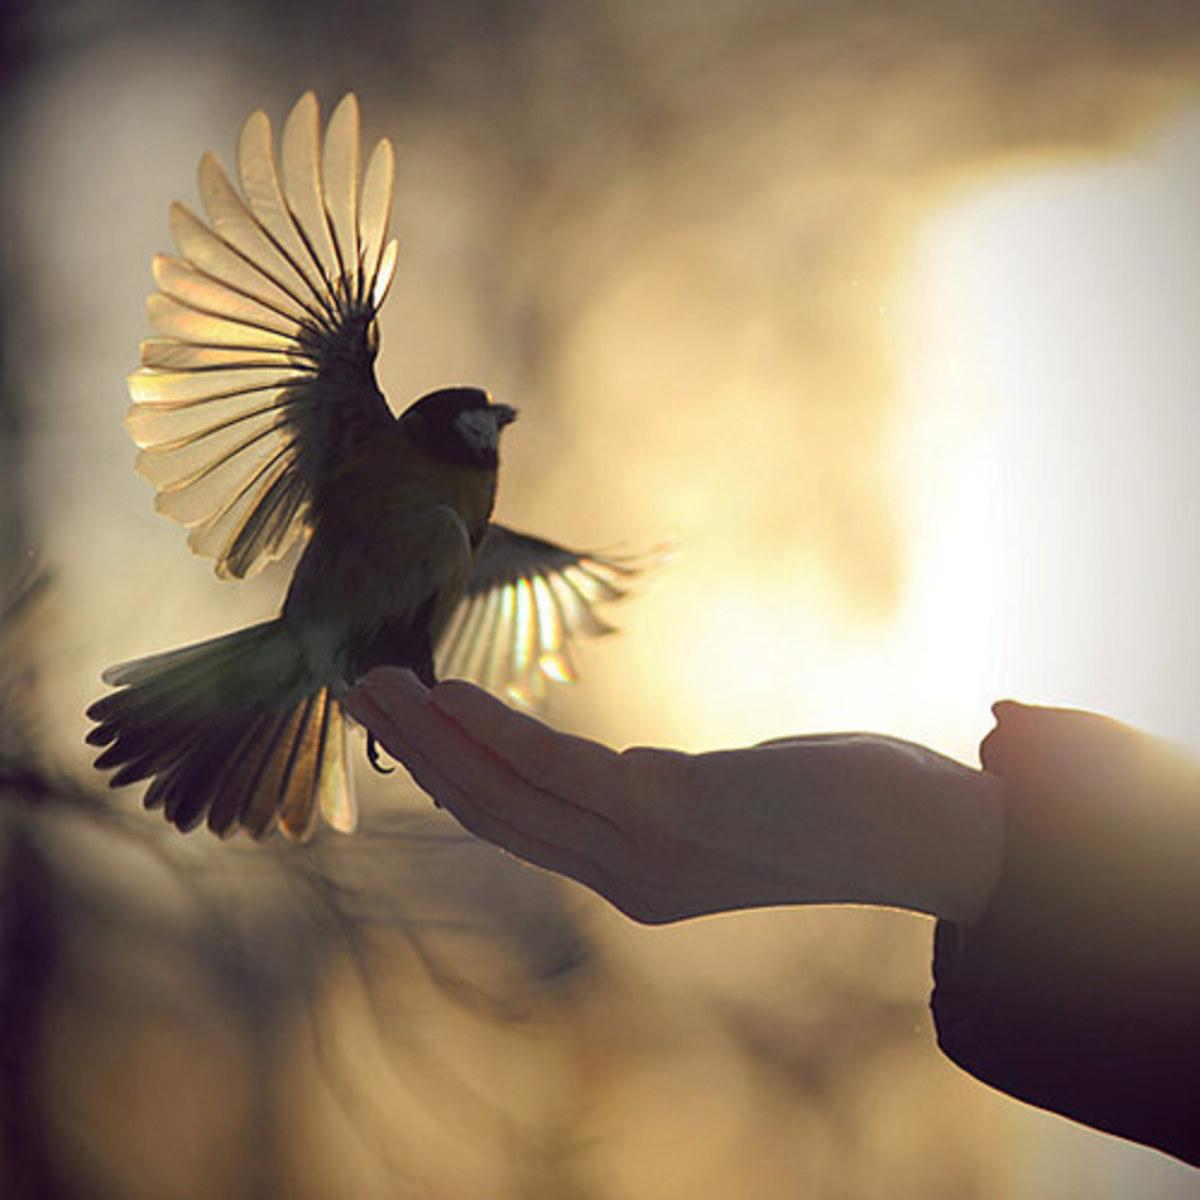 wings-a-poem